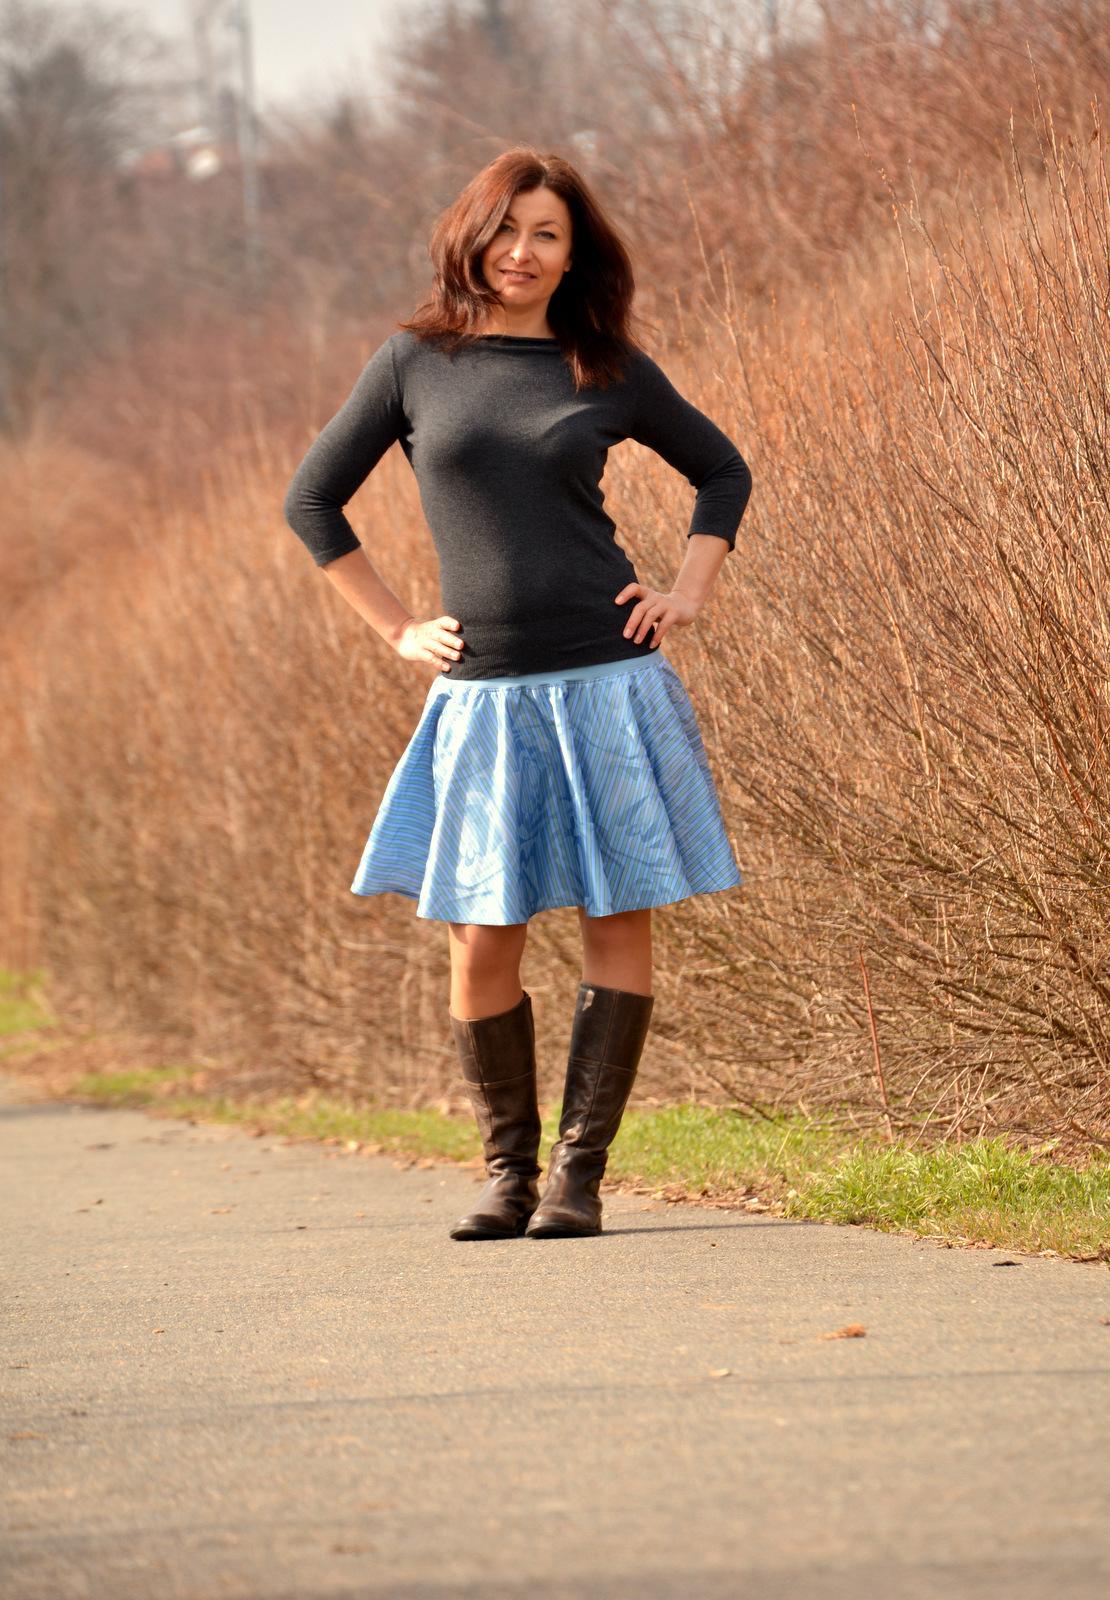 a292f0b70cc3 Sukně kolová z žakárové bavlny   Zboží prodejce Pocket Design